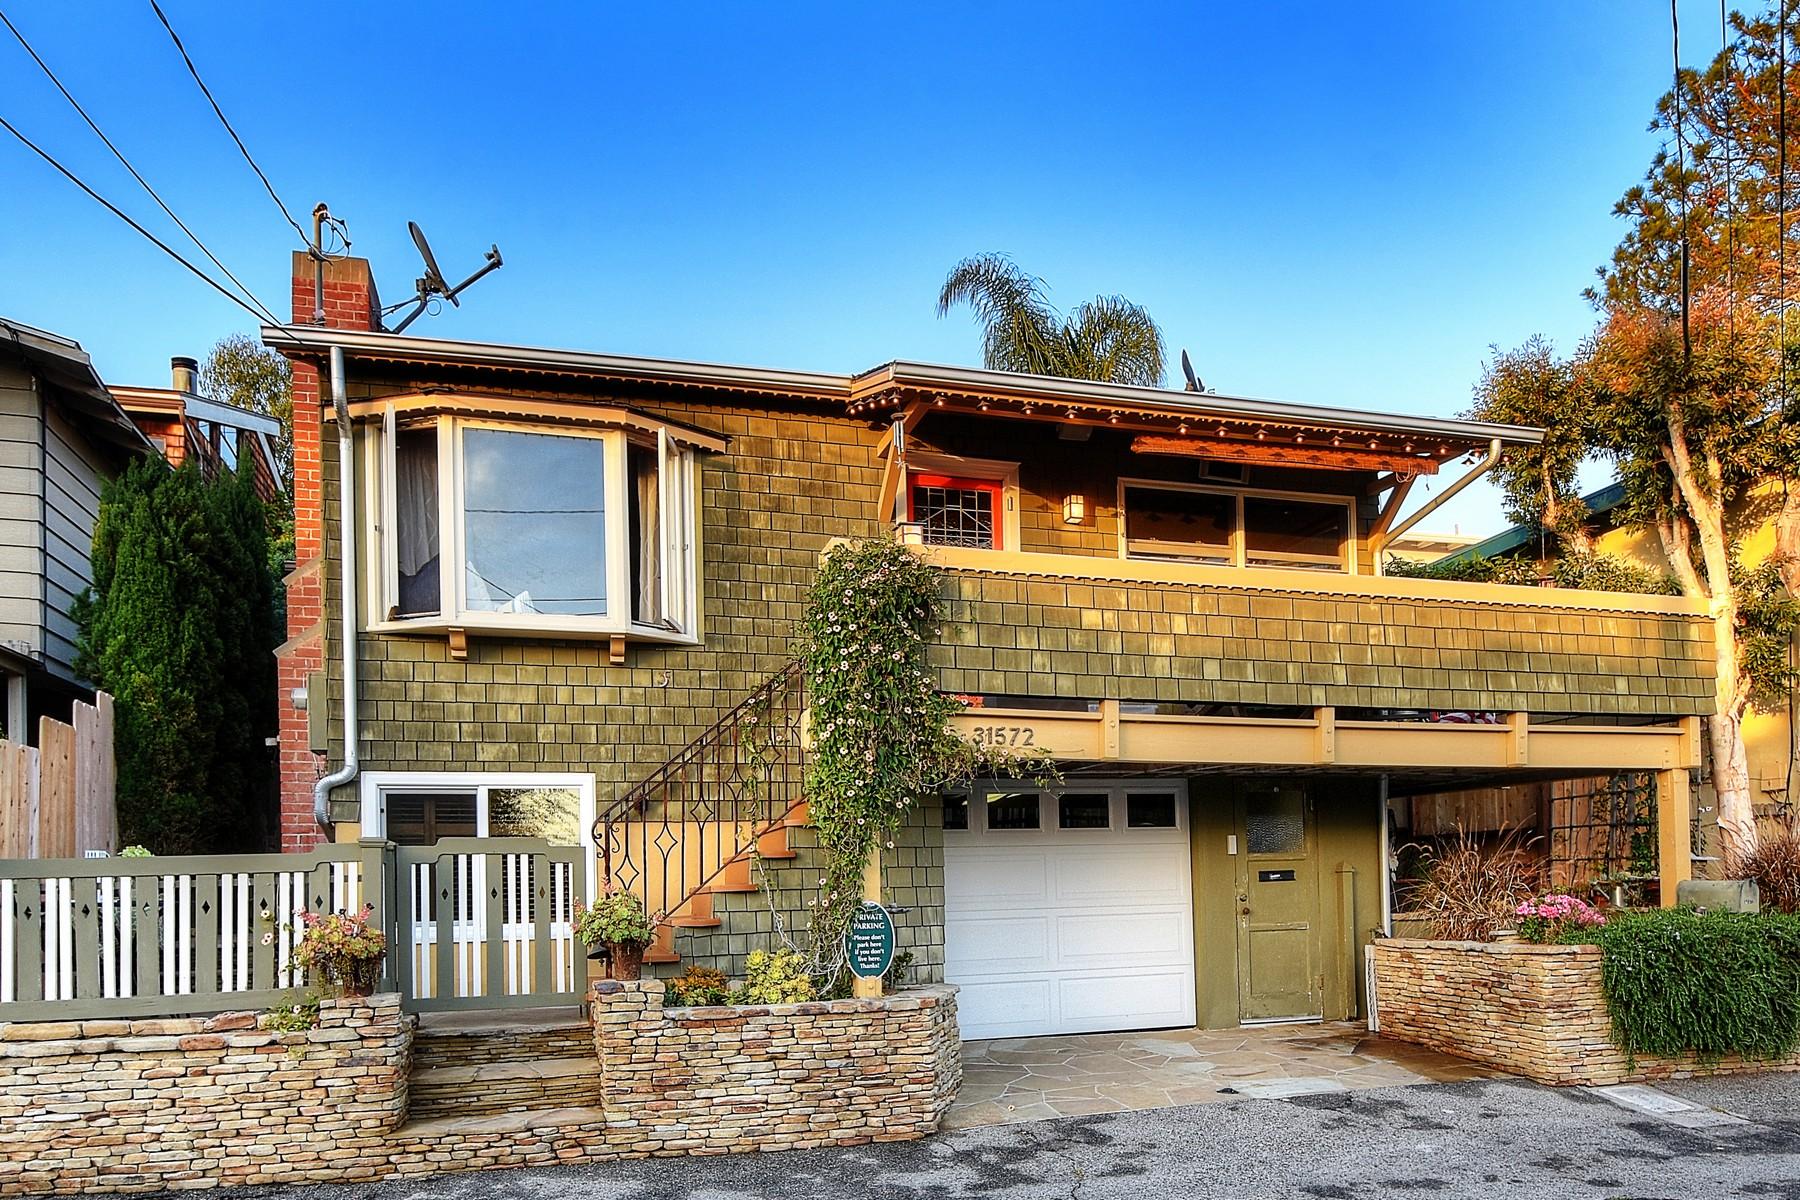 Einfamilienhaus für Verkauf beim 31572 Wildwood Rd. Laguna Beach, Kalifornien, 92651 Vereinigte Staaten